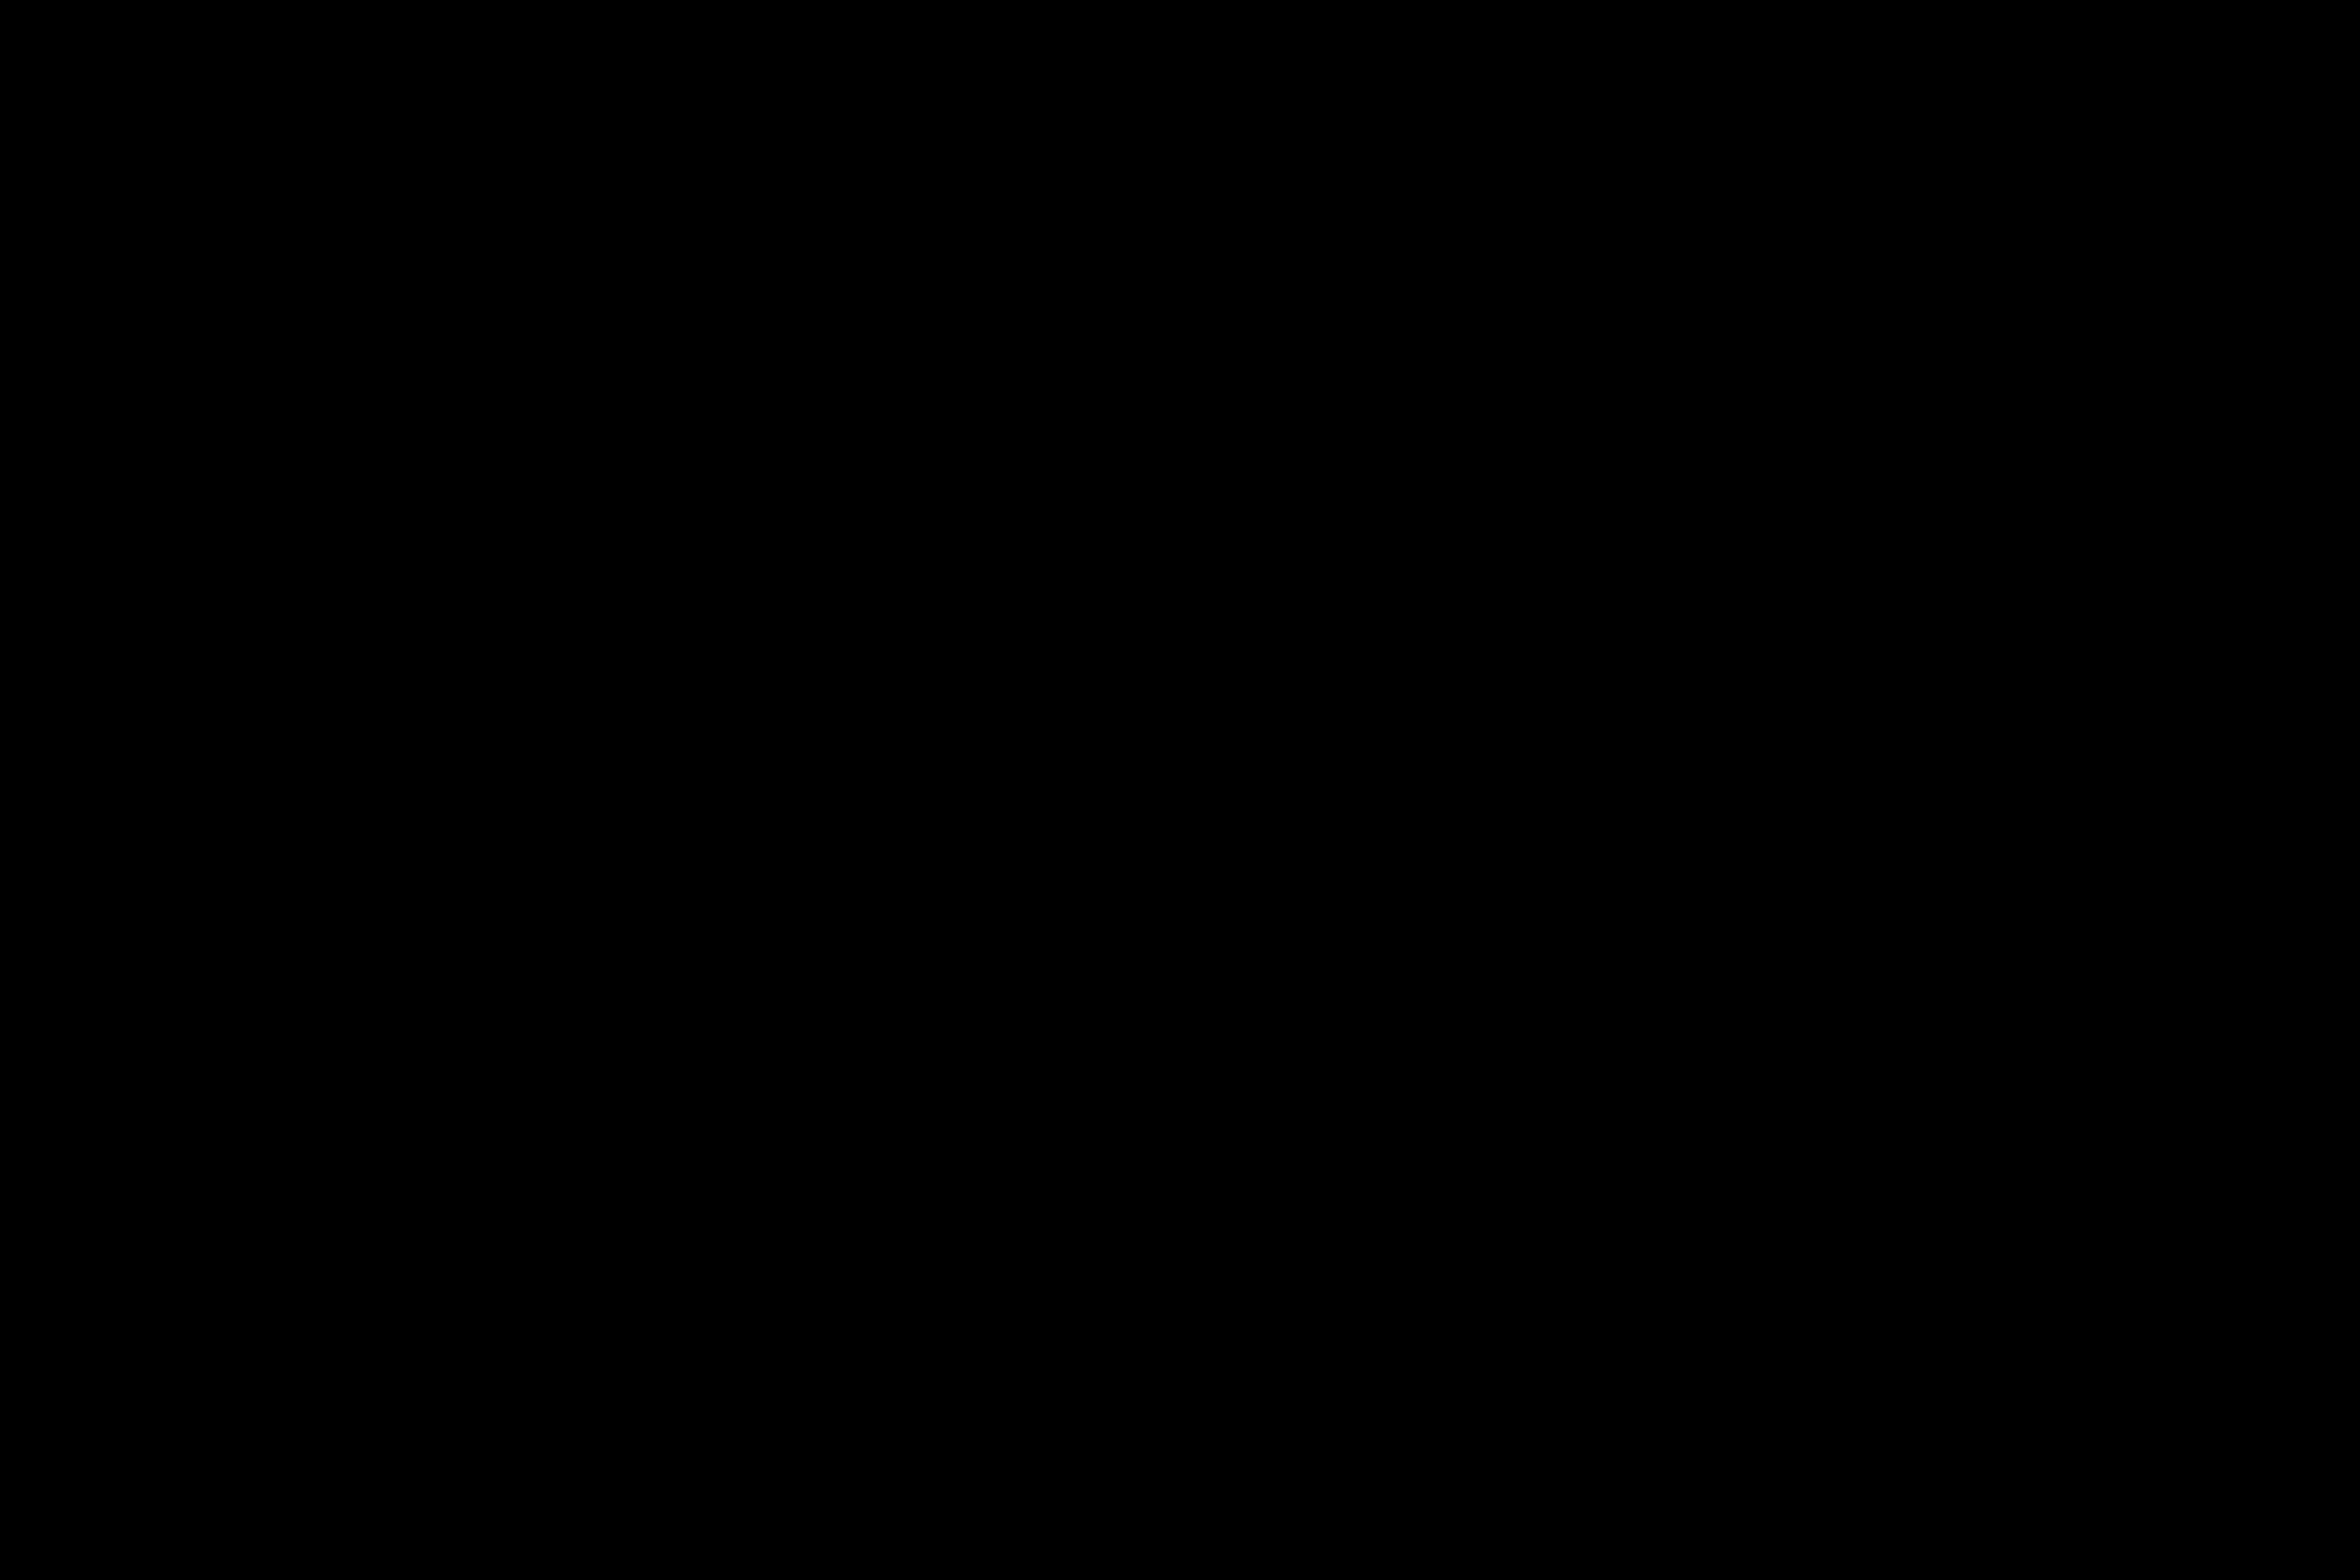 Penna – inclusione andicap ticino